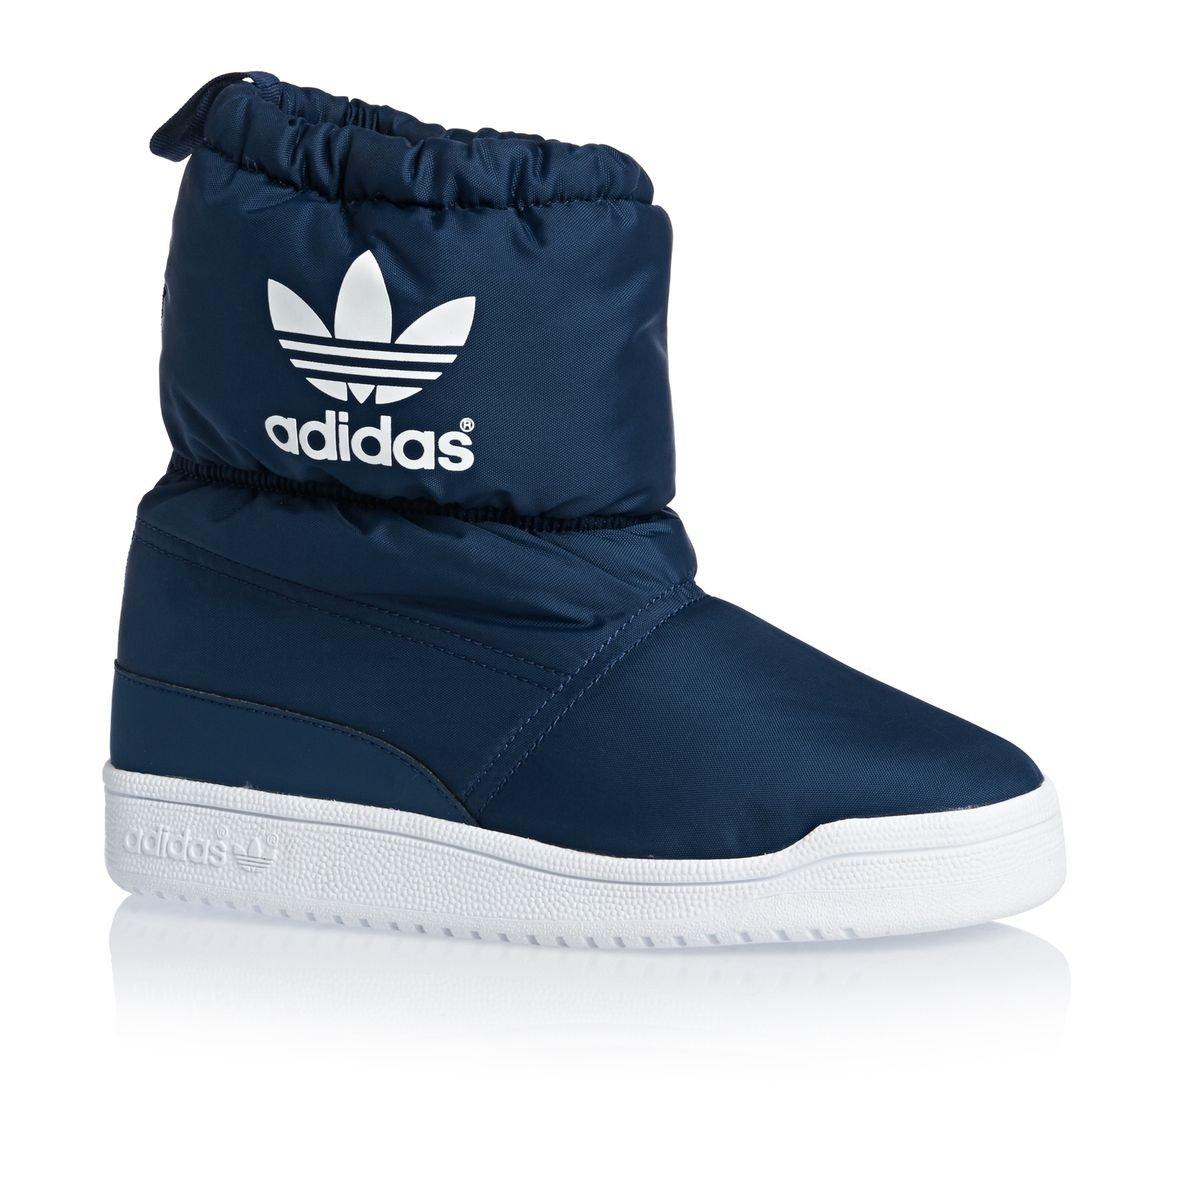 adidas Originals Snow Shoes